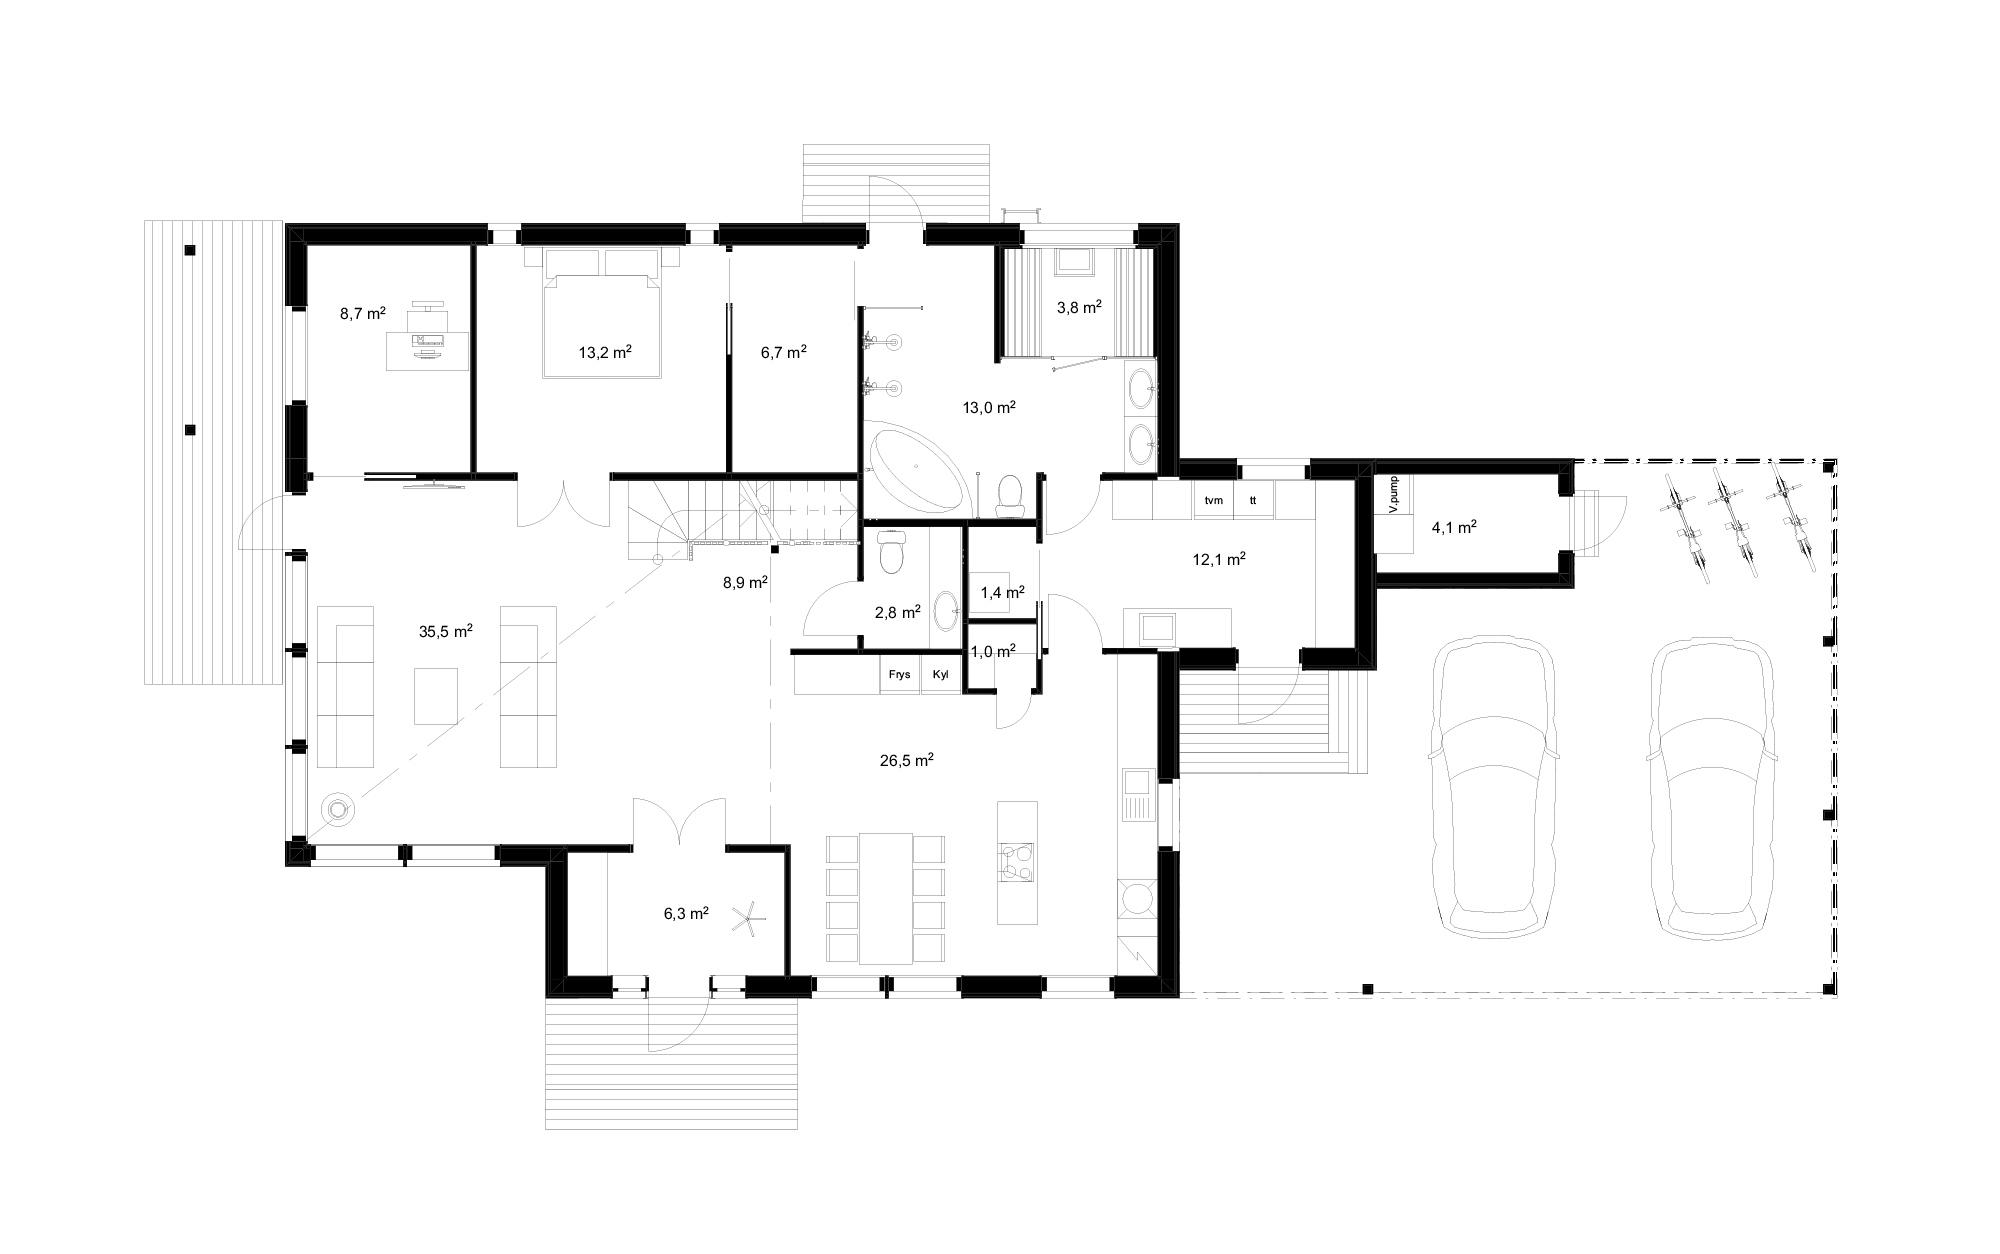 villa-1-planritning-floor-1